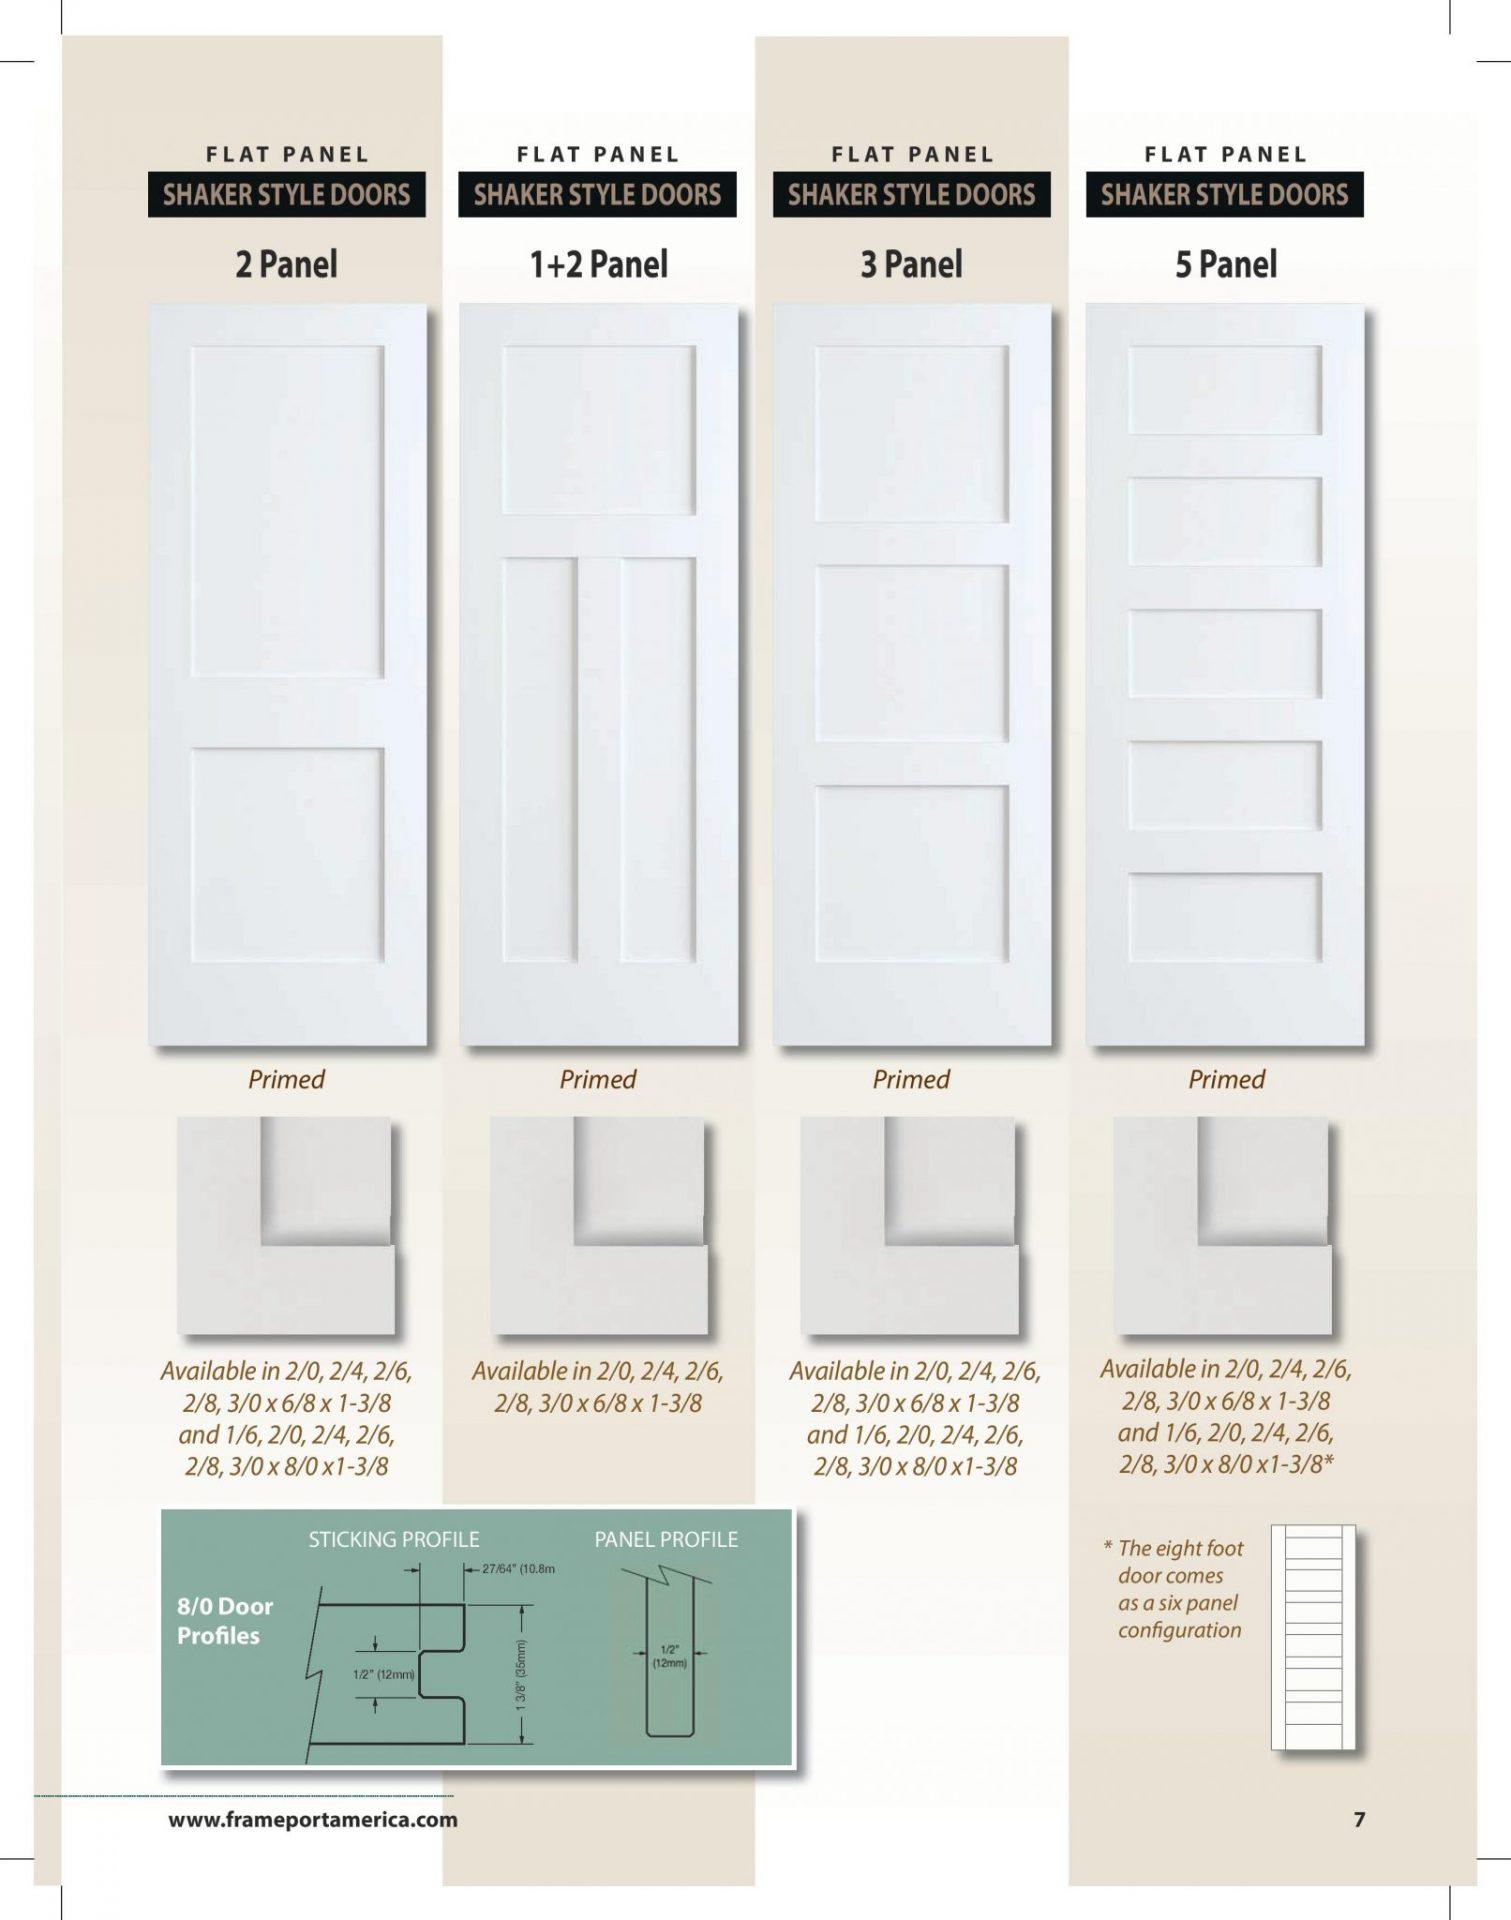 Superbe 3 Foot Door Photos Wall And Tinfishclematis